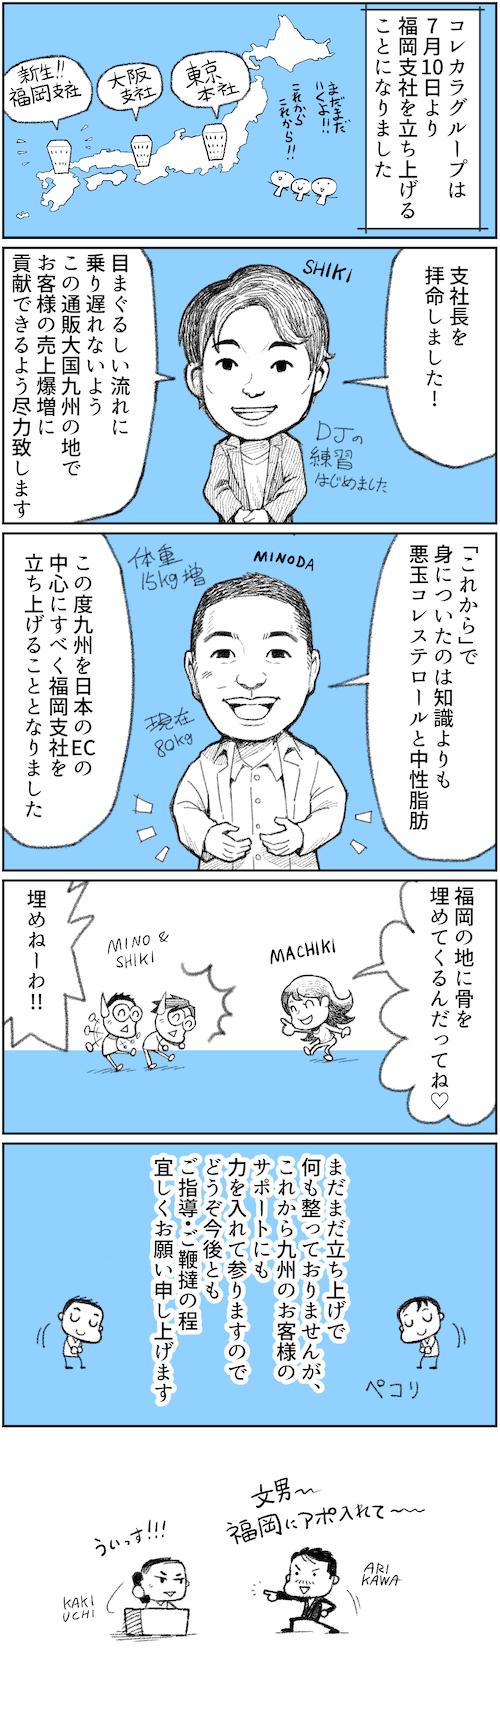 weekly_comic_21.jpg